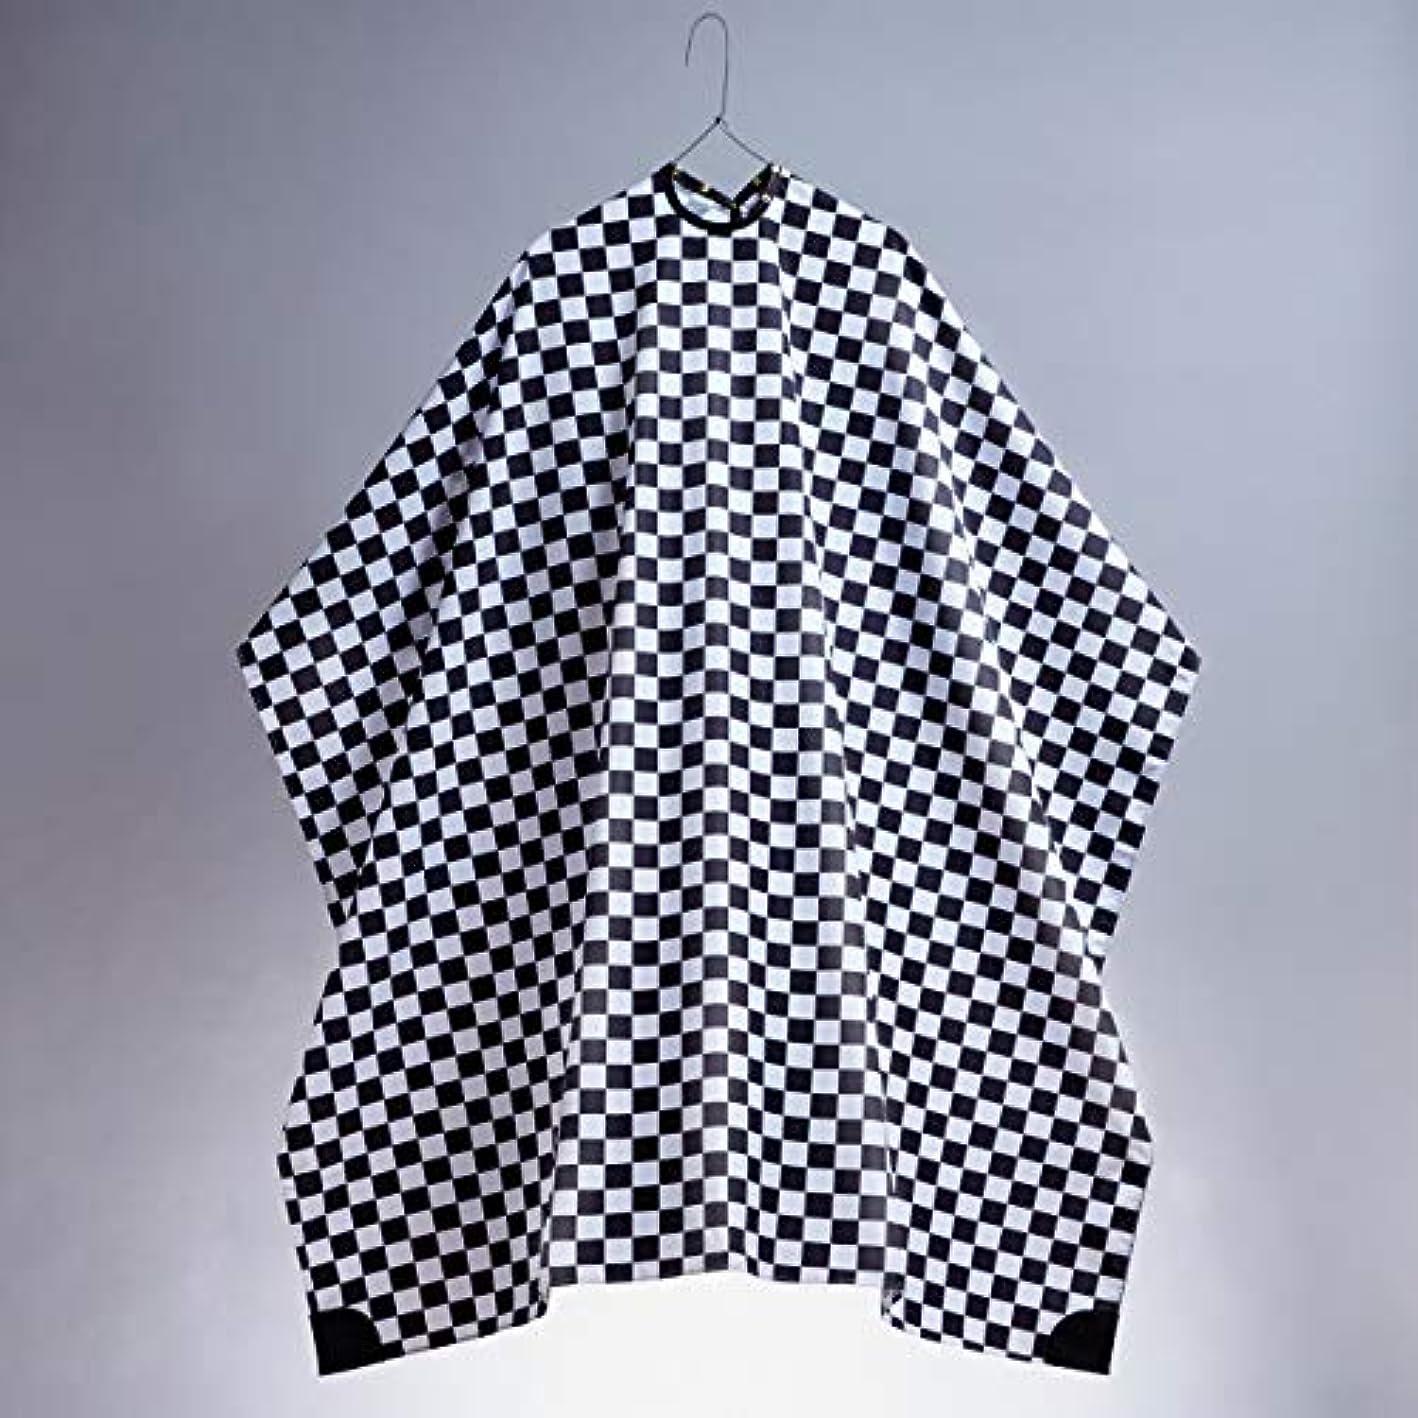 慰め啓発する負担中村商店 カッティングケープ プロフェッショナル 散髪ケープ カットクロス バーバー 美容室 理容室 (Checkered)